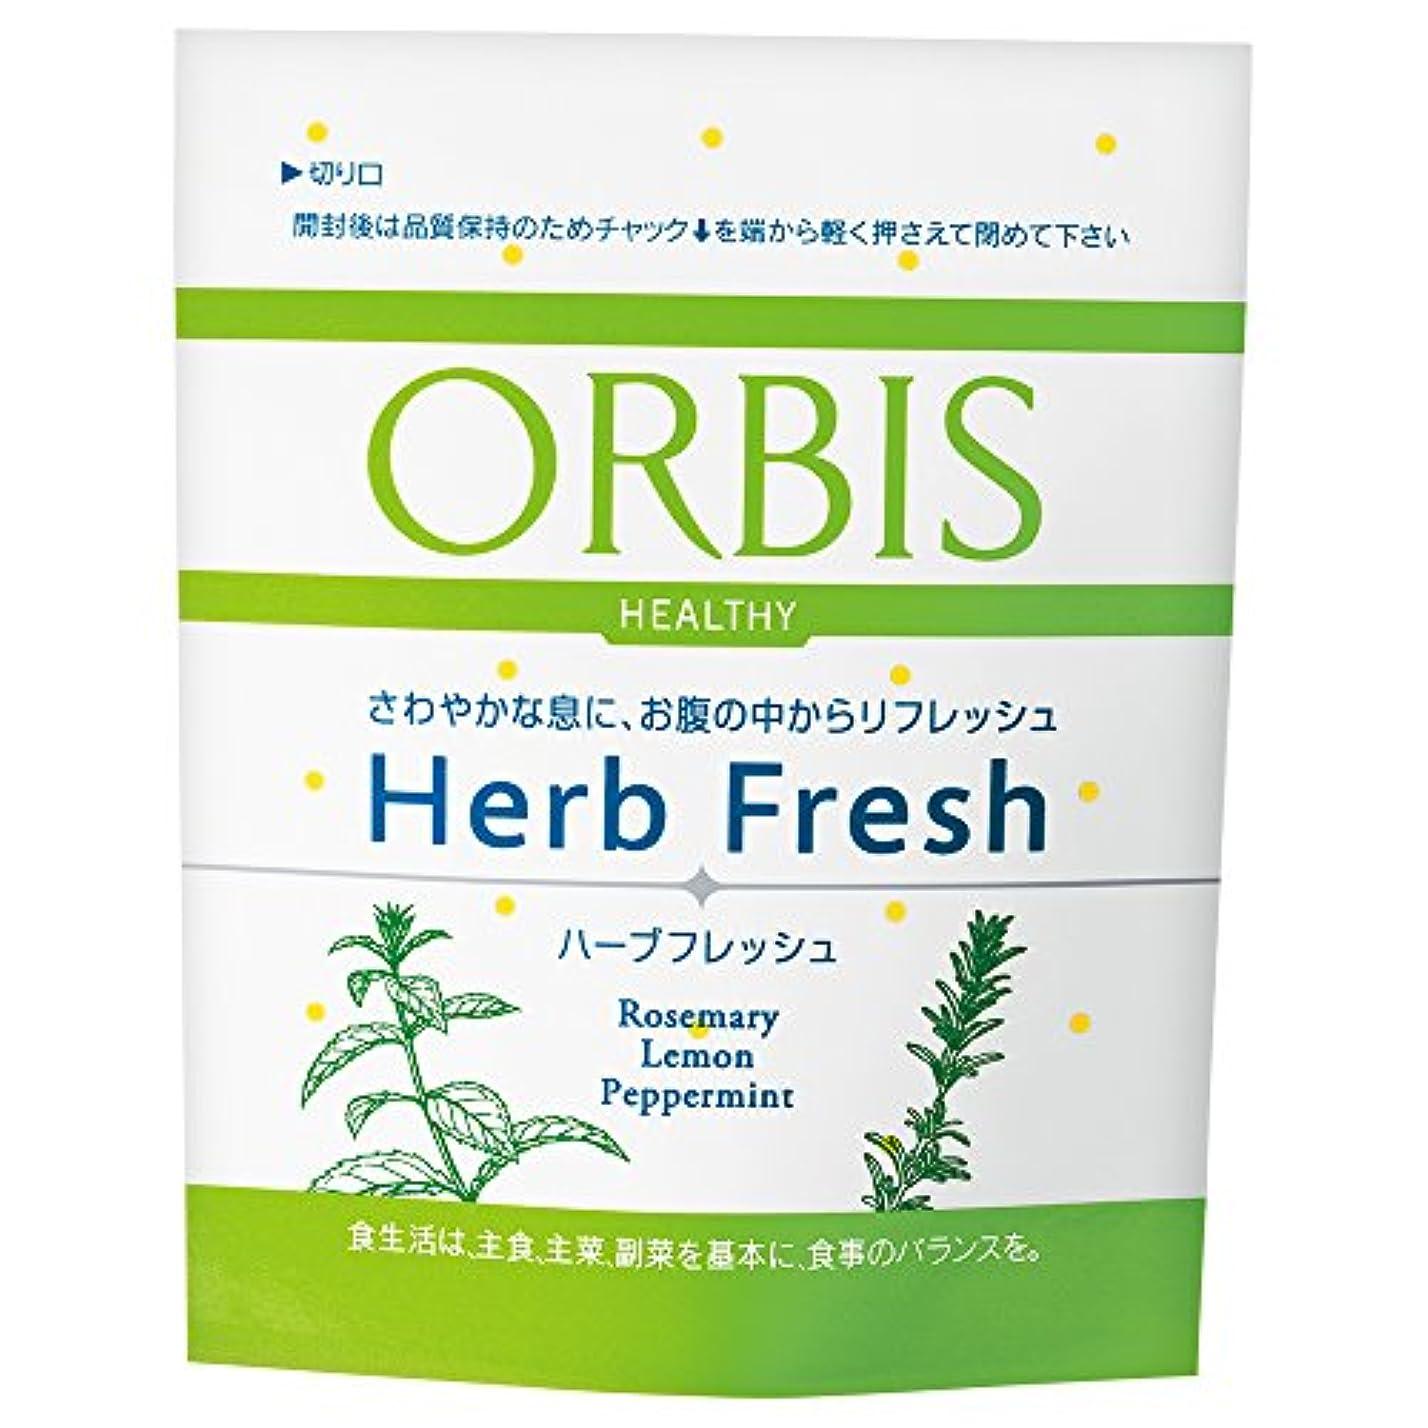 フルーティーアクロバットふざけたオルビス(ORBIS) ハーブフレッシュ レギュラー 10~30日分(240mg×30粒) ◎エチケットサプリメント◎